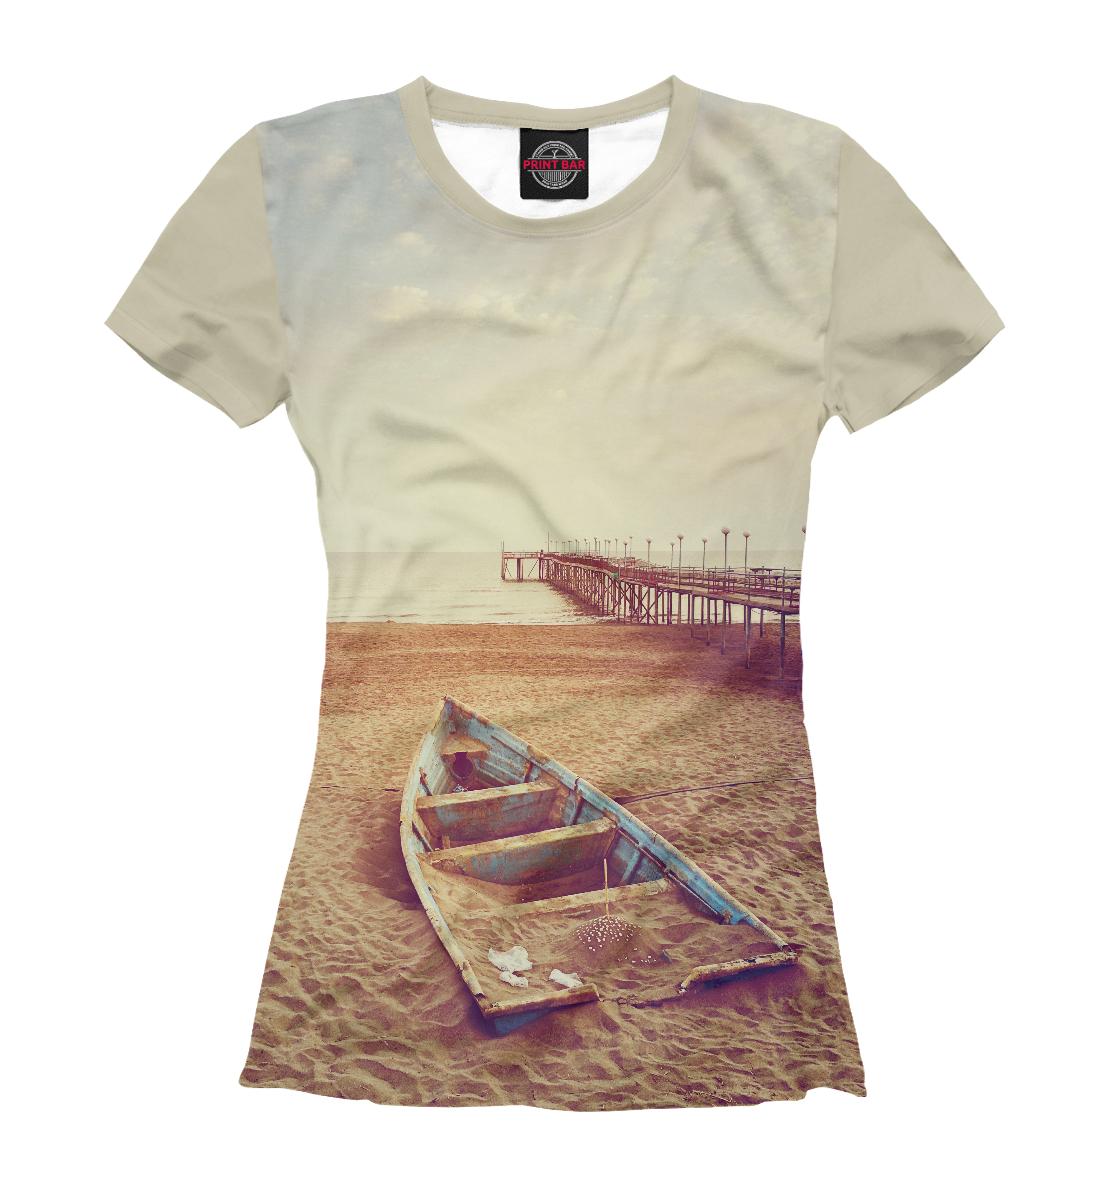 Купить Лодка на песке, Printbar, Футболки, PEY-917351-fut-1